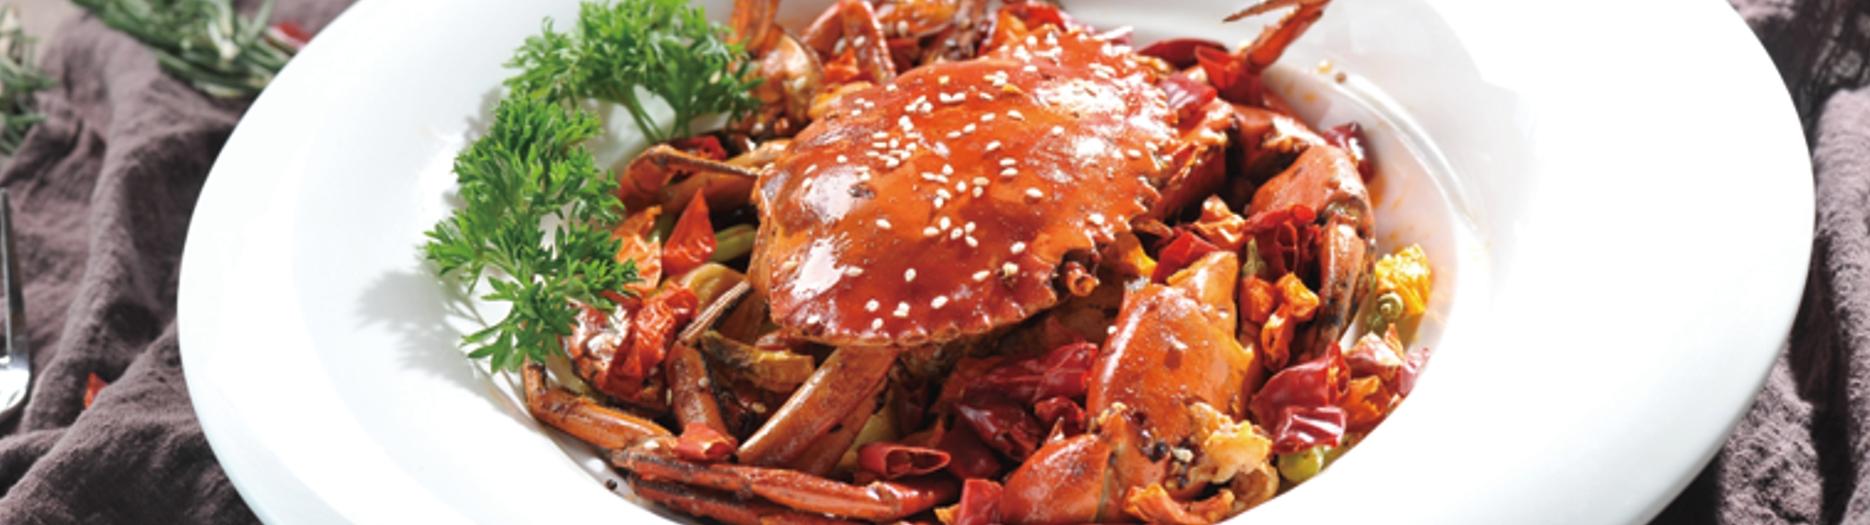 crab 1870 x 525